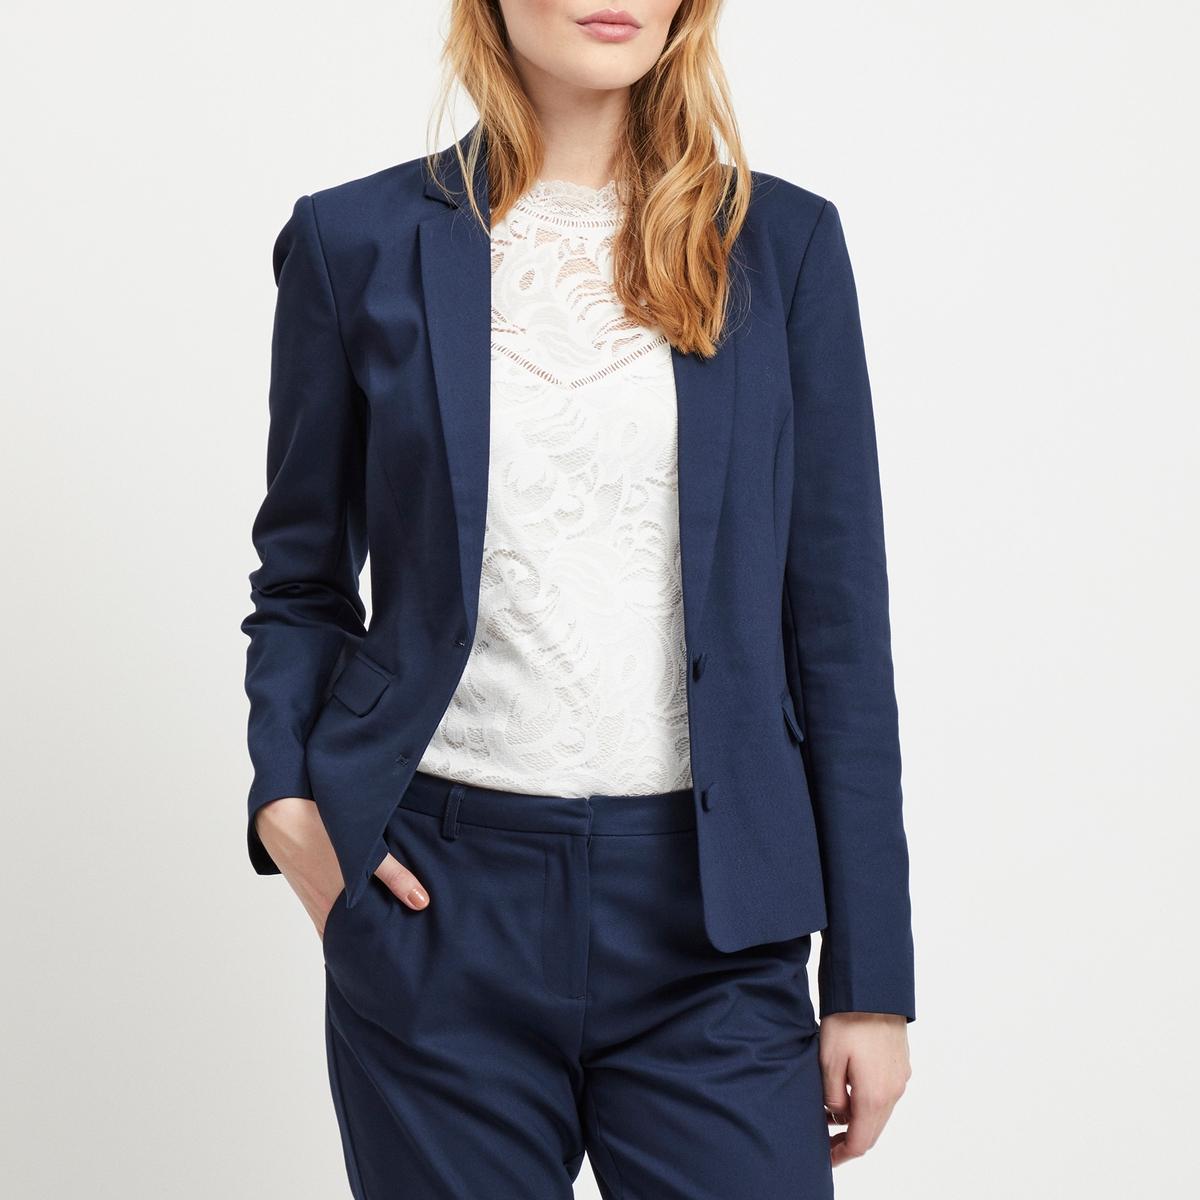 Жакет La Redoute Прямого покроя из джинсовой ткани 34 (FR) - 40 (RUS) синий бермуды la redoute из джинсовой ткани jjirrick jjicon s синий